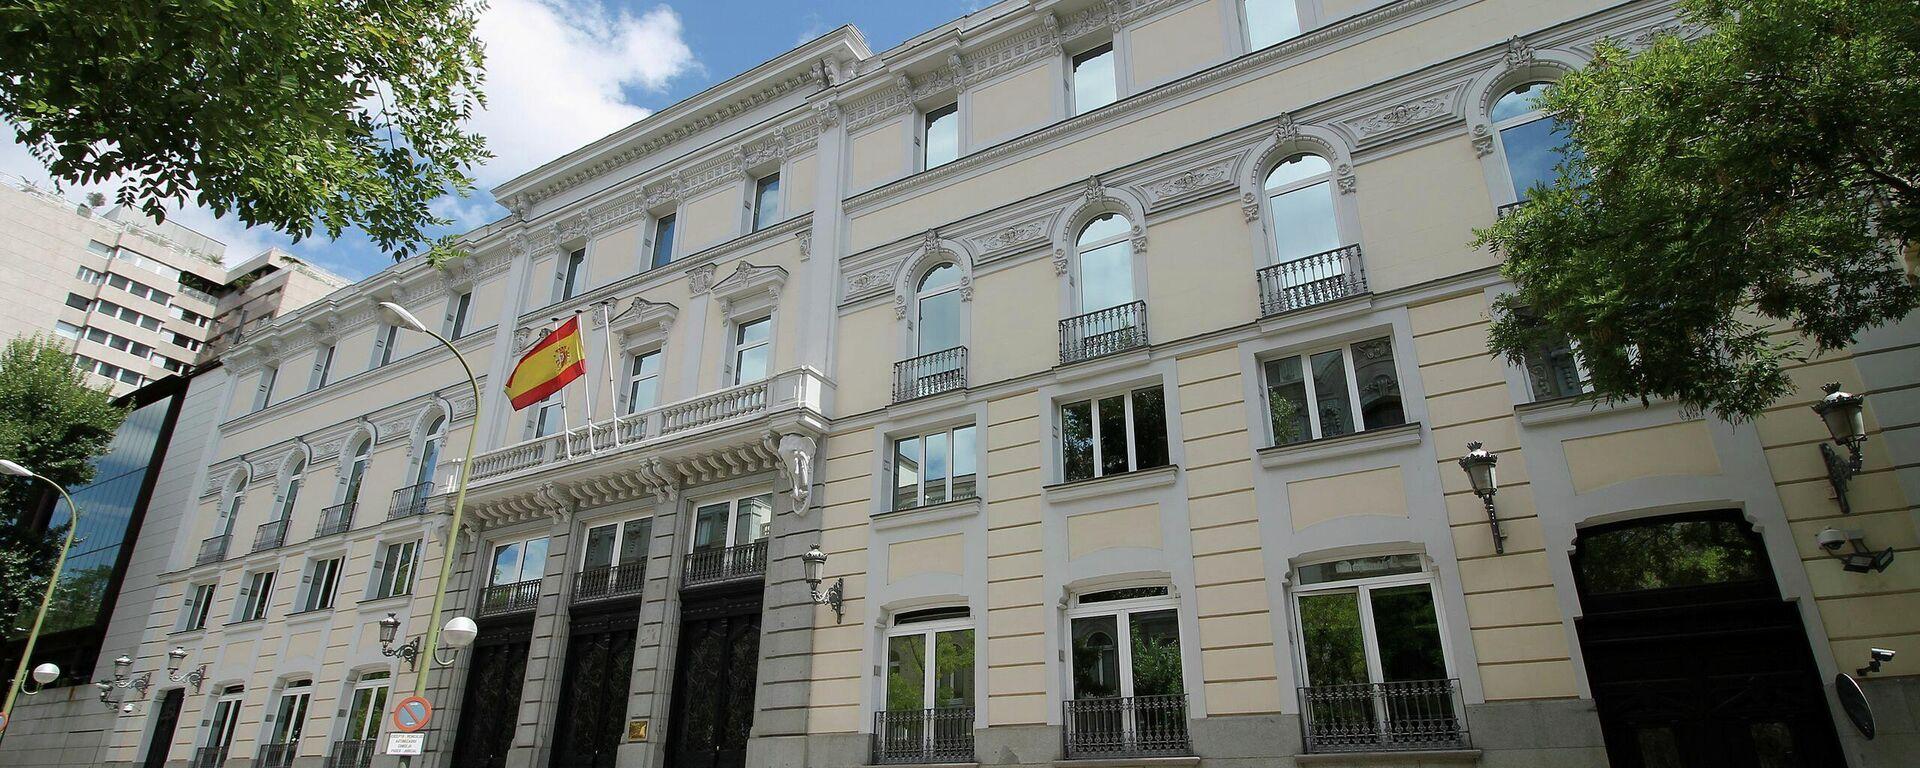 Sede del Consejo General del Poder Judicial de España - Sputnik Mundo, 1920, 20.07.2021